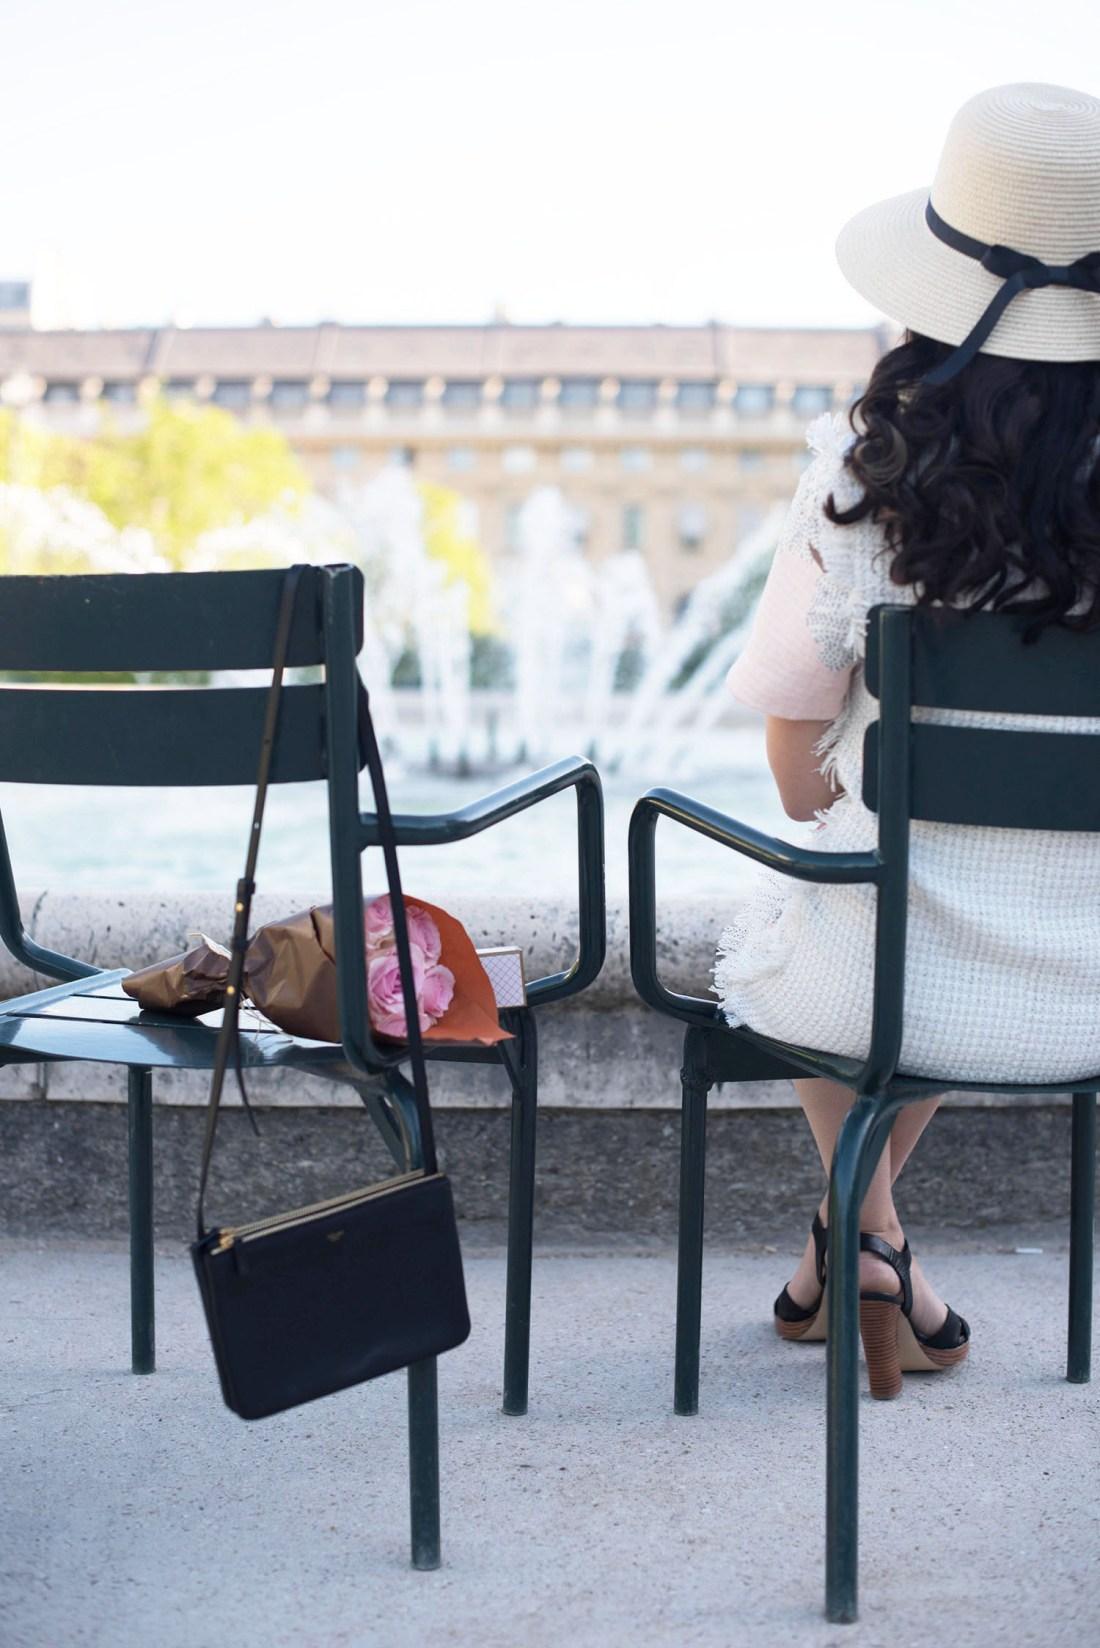 Outfit details on fashion blogger Cee Fardoe of Coco & Vera, including a Celine trio handbag and Floriane Fosso dress